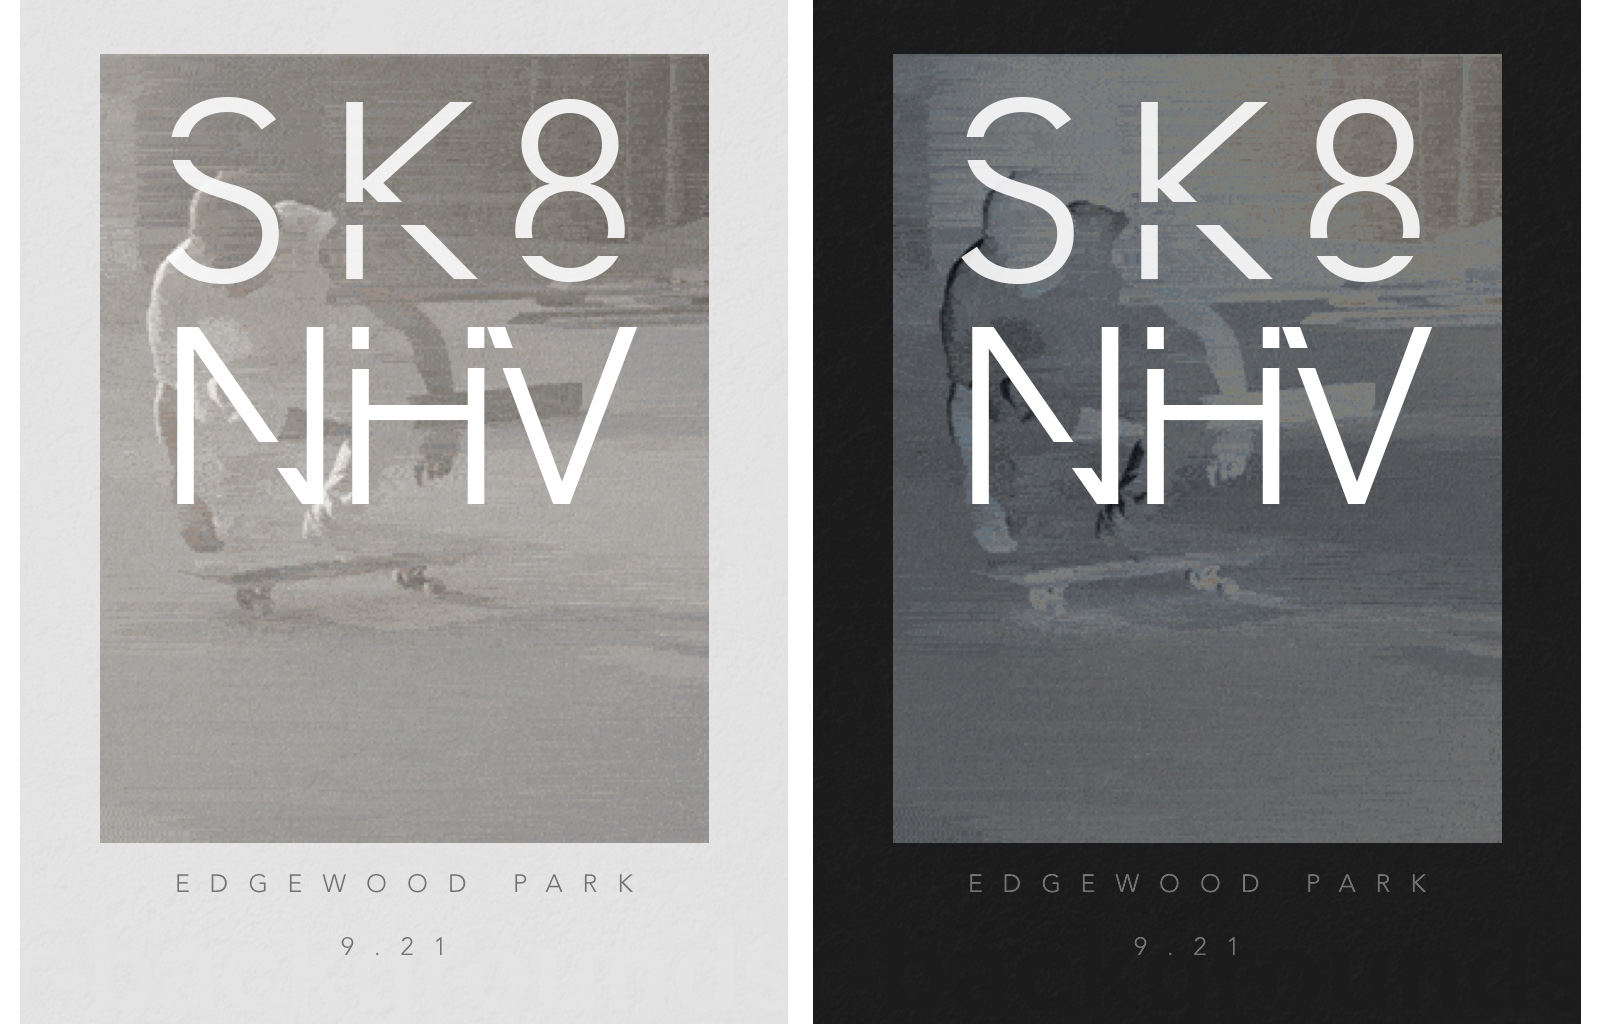 bothSK8.jpg